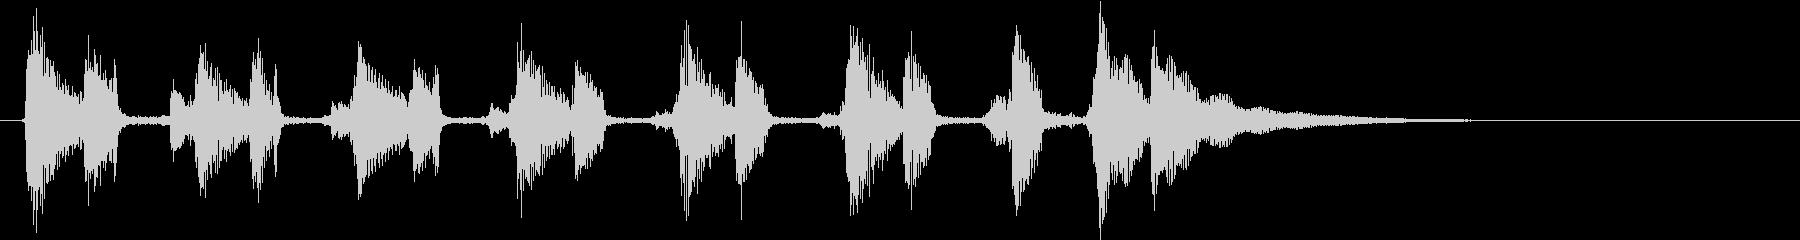 ウクレレ1本のみ(短いフレーズ系)の未再生の波形